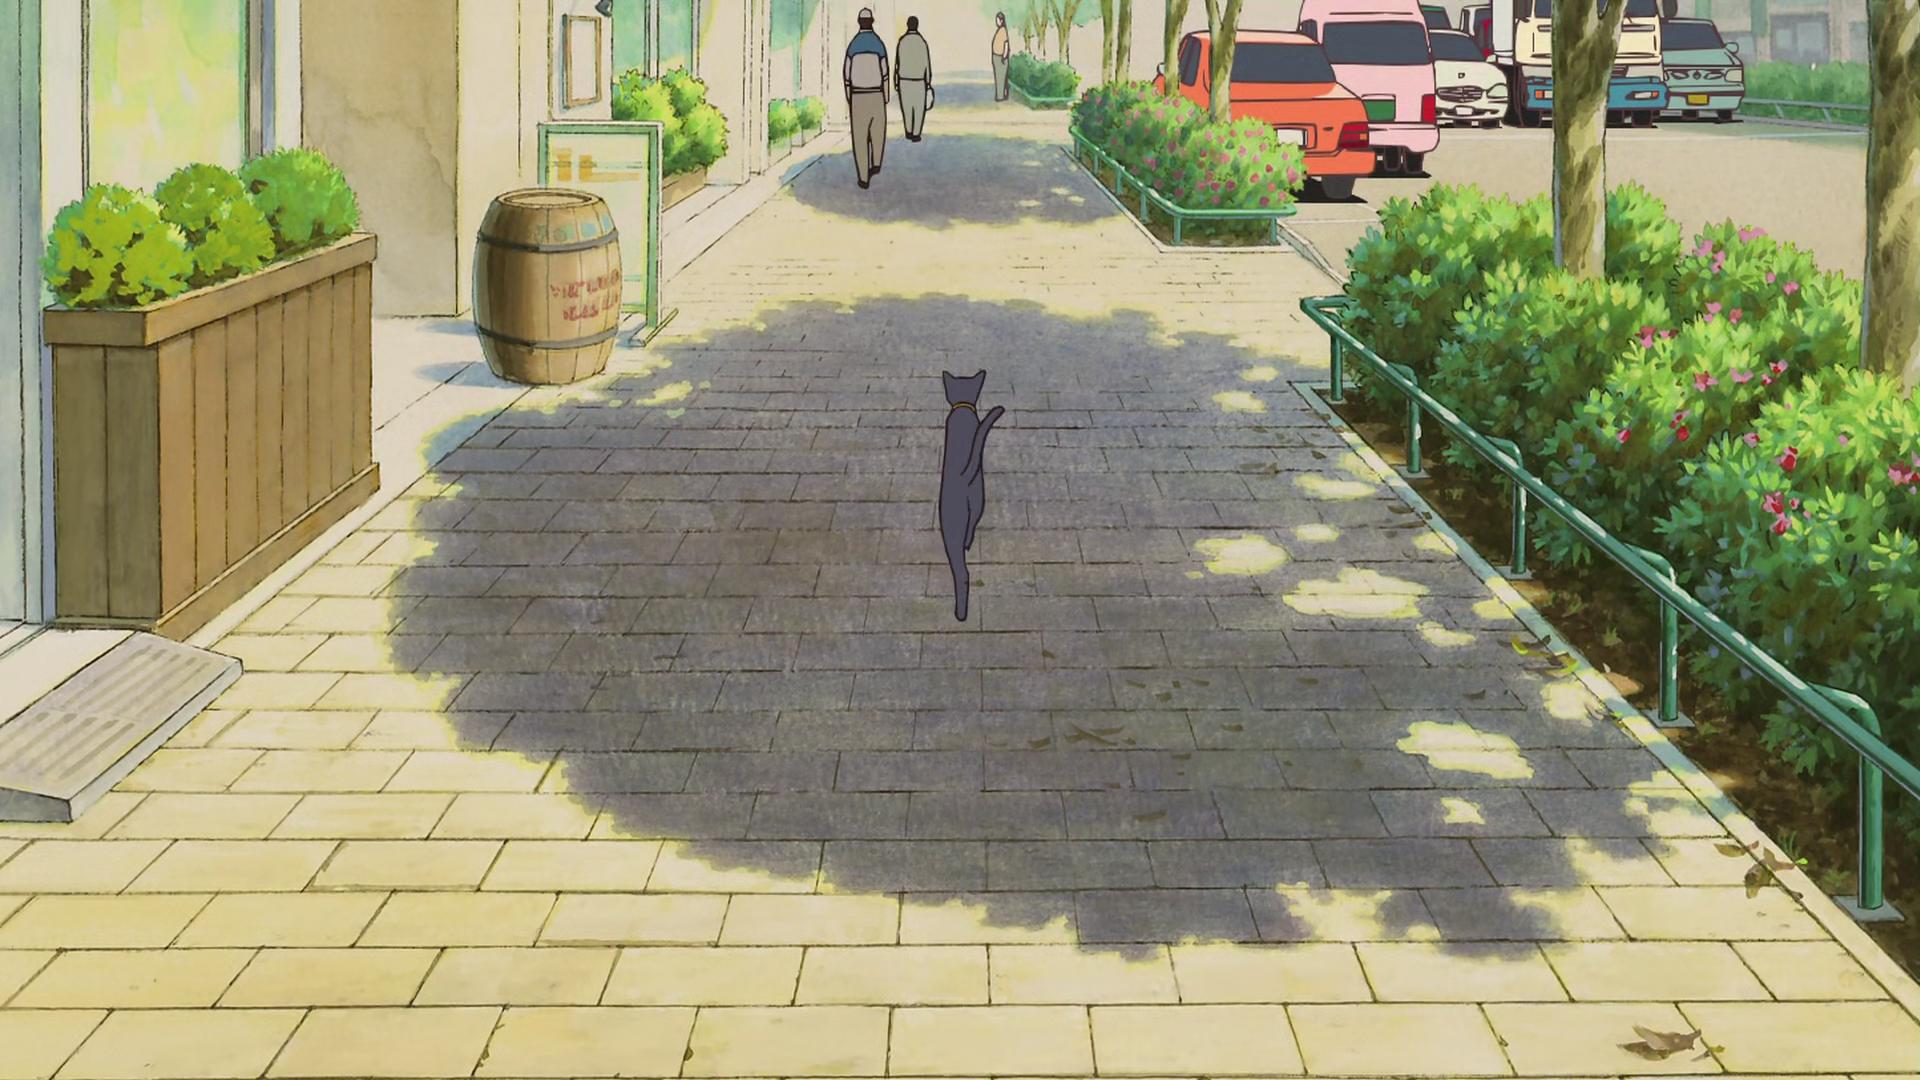 bonkai77] Studio Ghibli Movie Collection (1979-2014) [x265] [HEVC